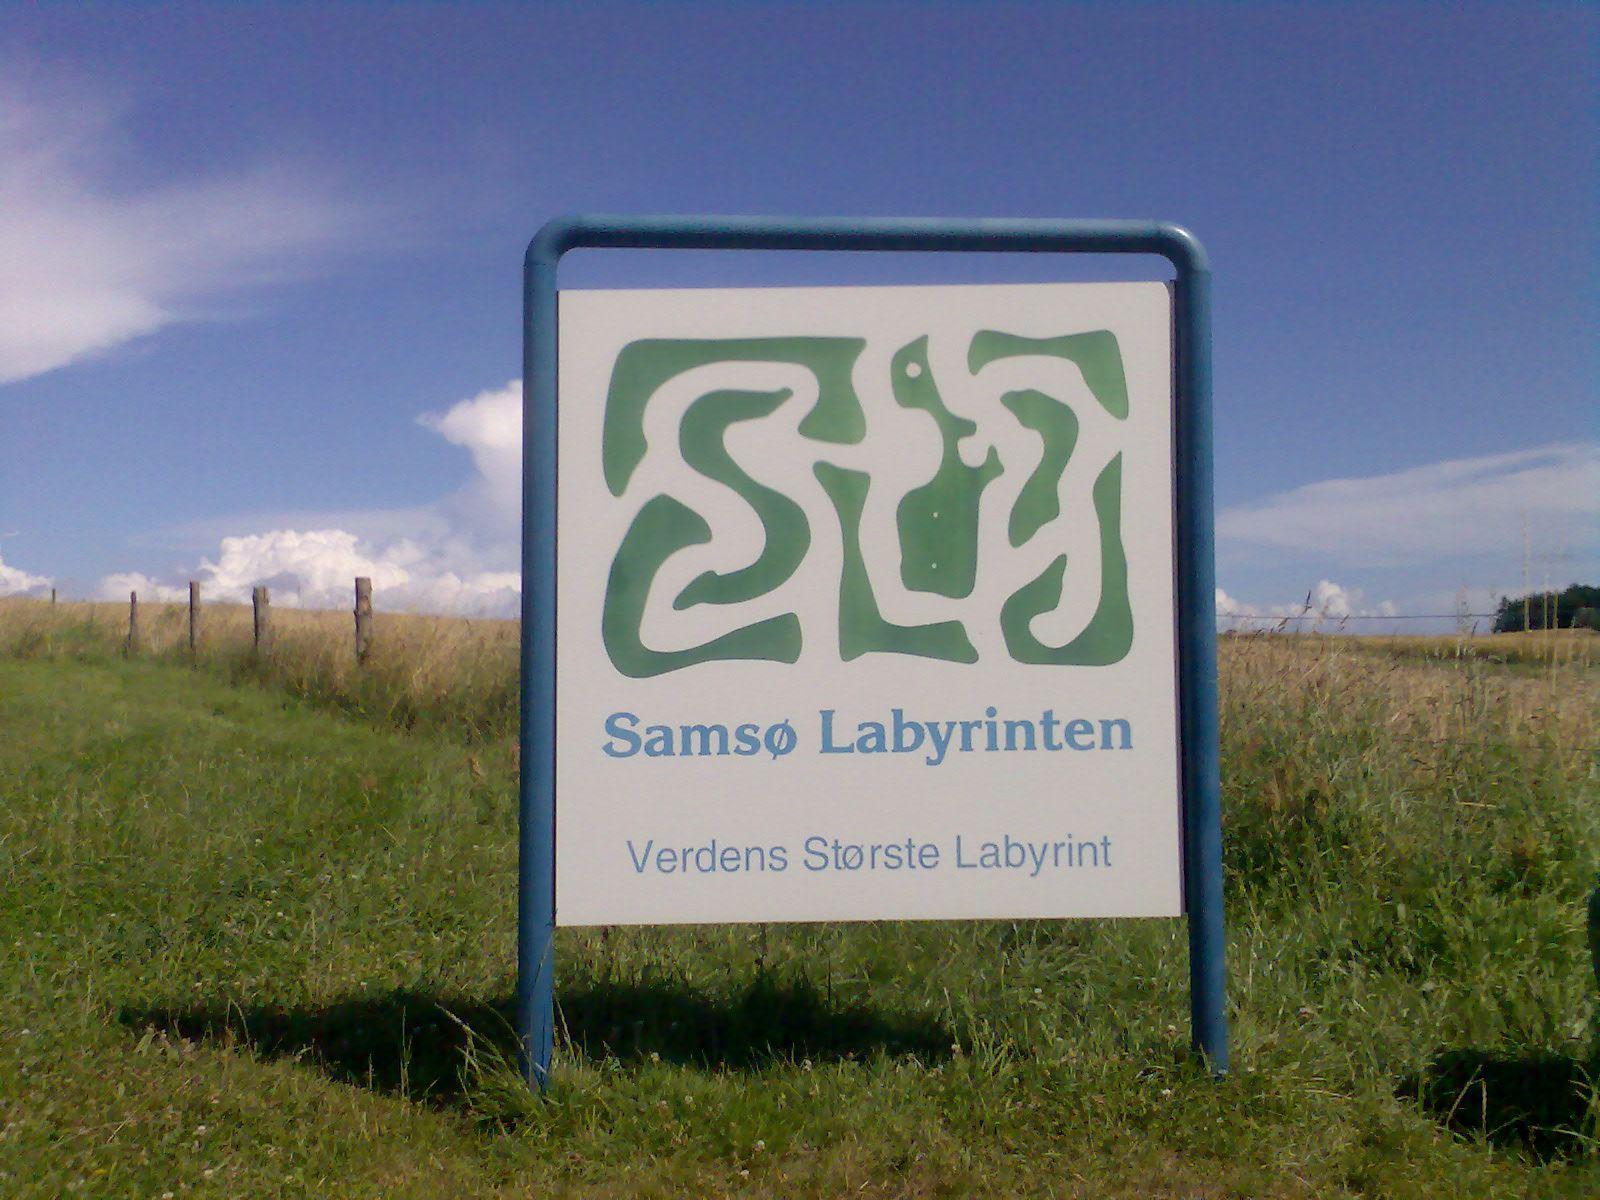 Samsø Labyrinten